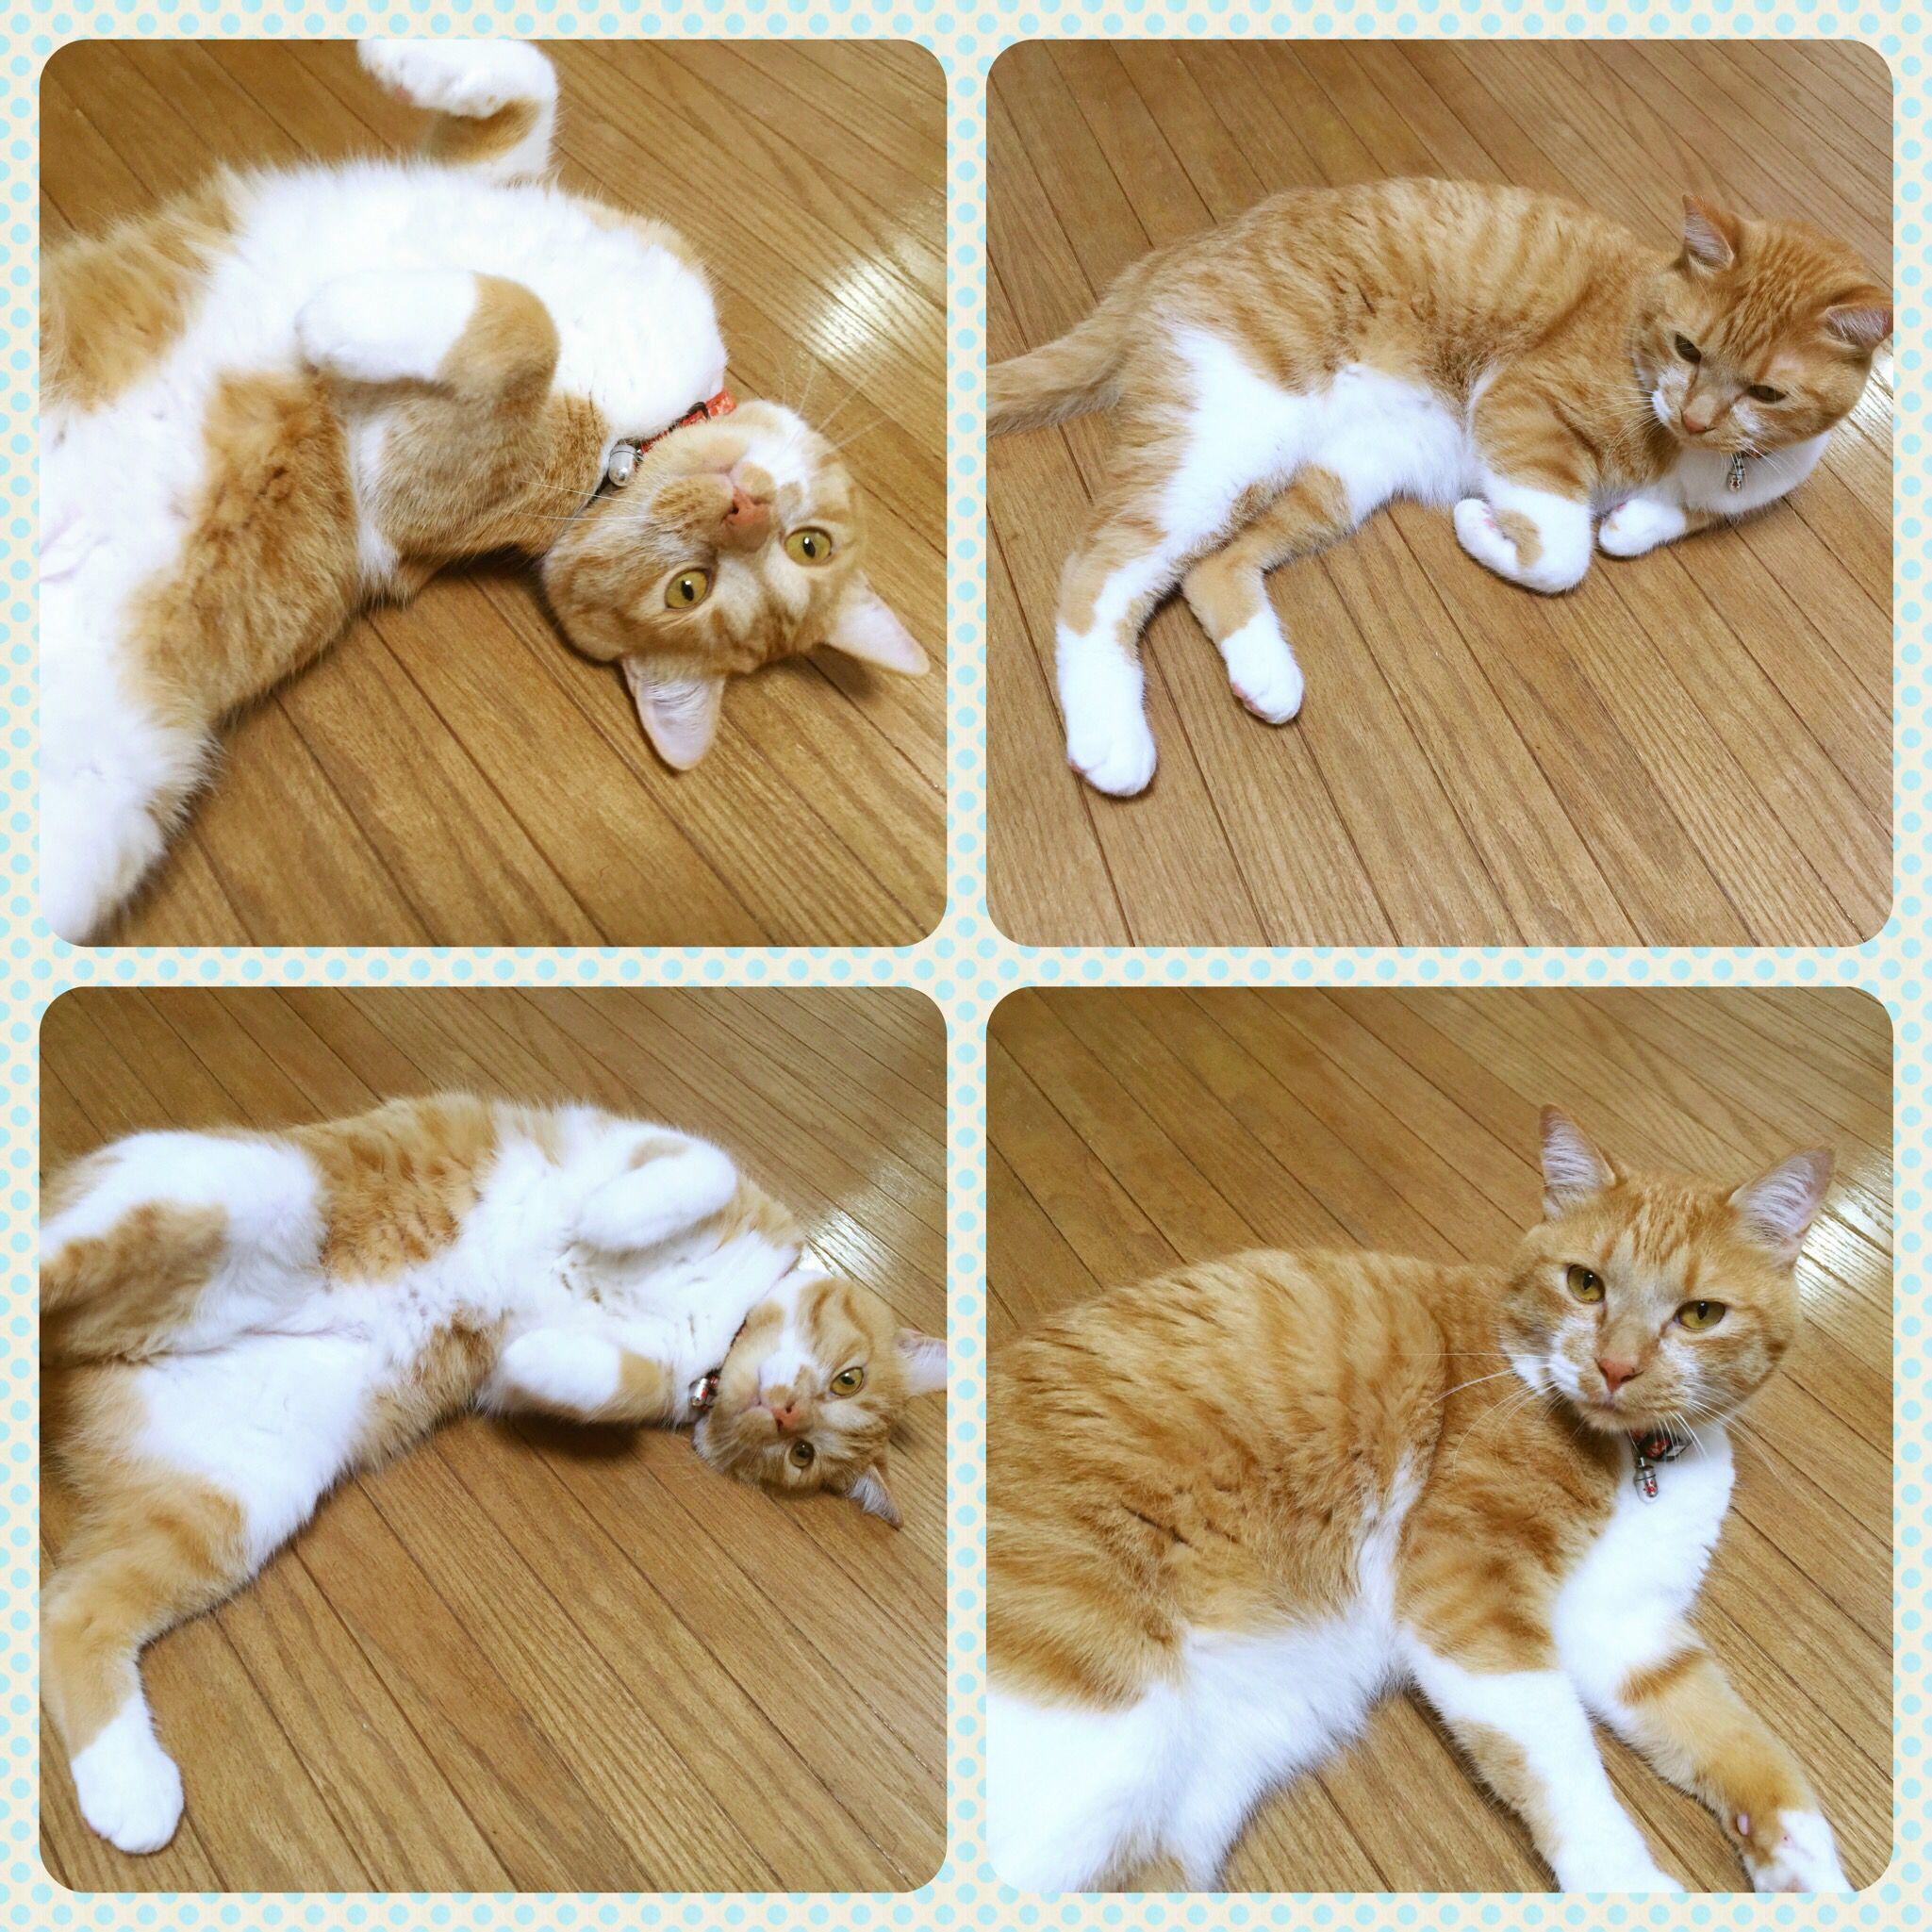 2016.05.06 #うち猫 #猫 #幸せは誰かの活力